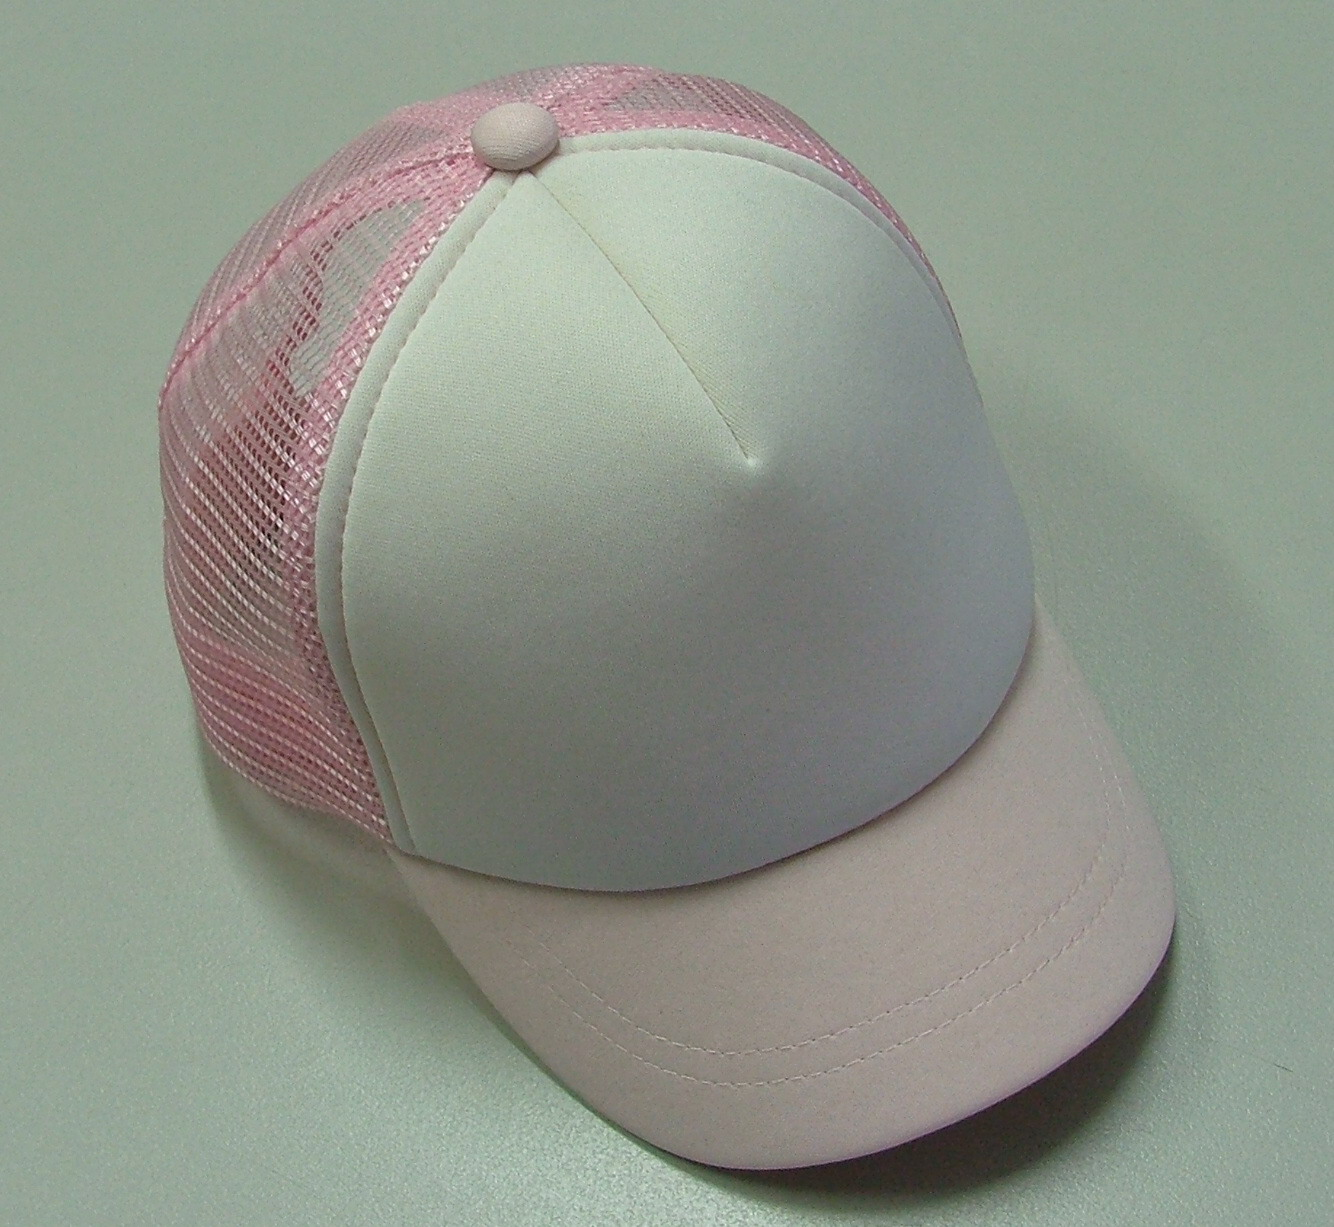 PM1010xs - Wht Pink